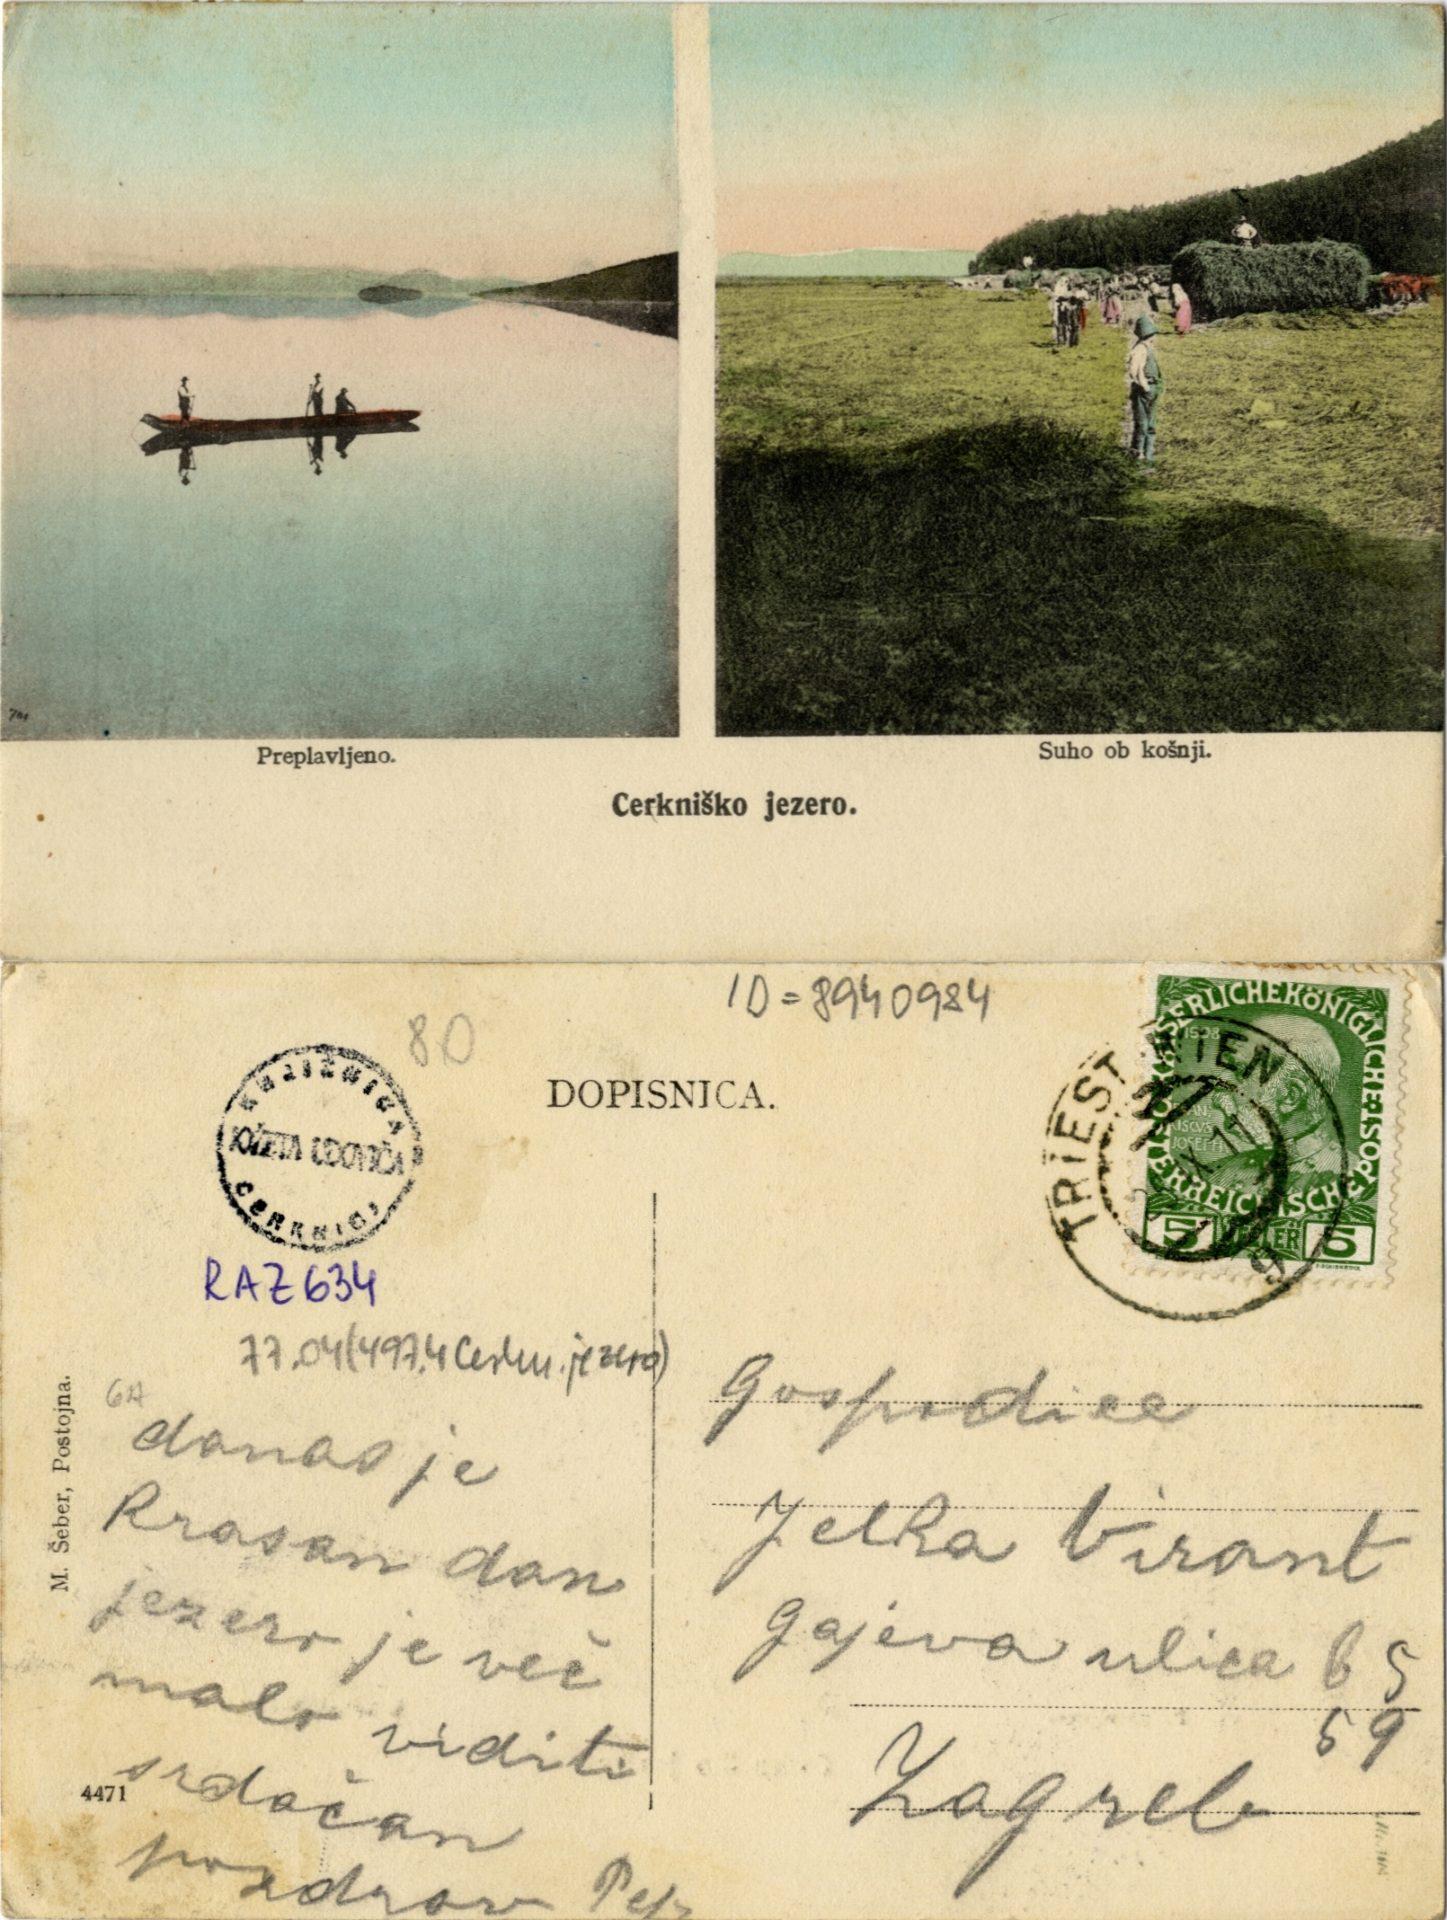 zlimano 8 - Cerkniško jezero